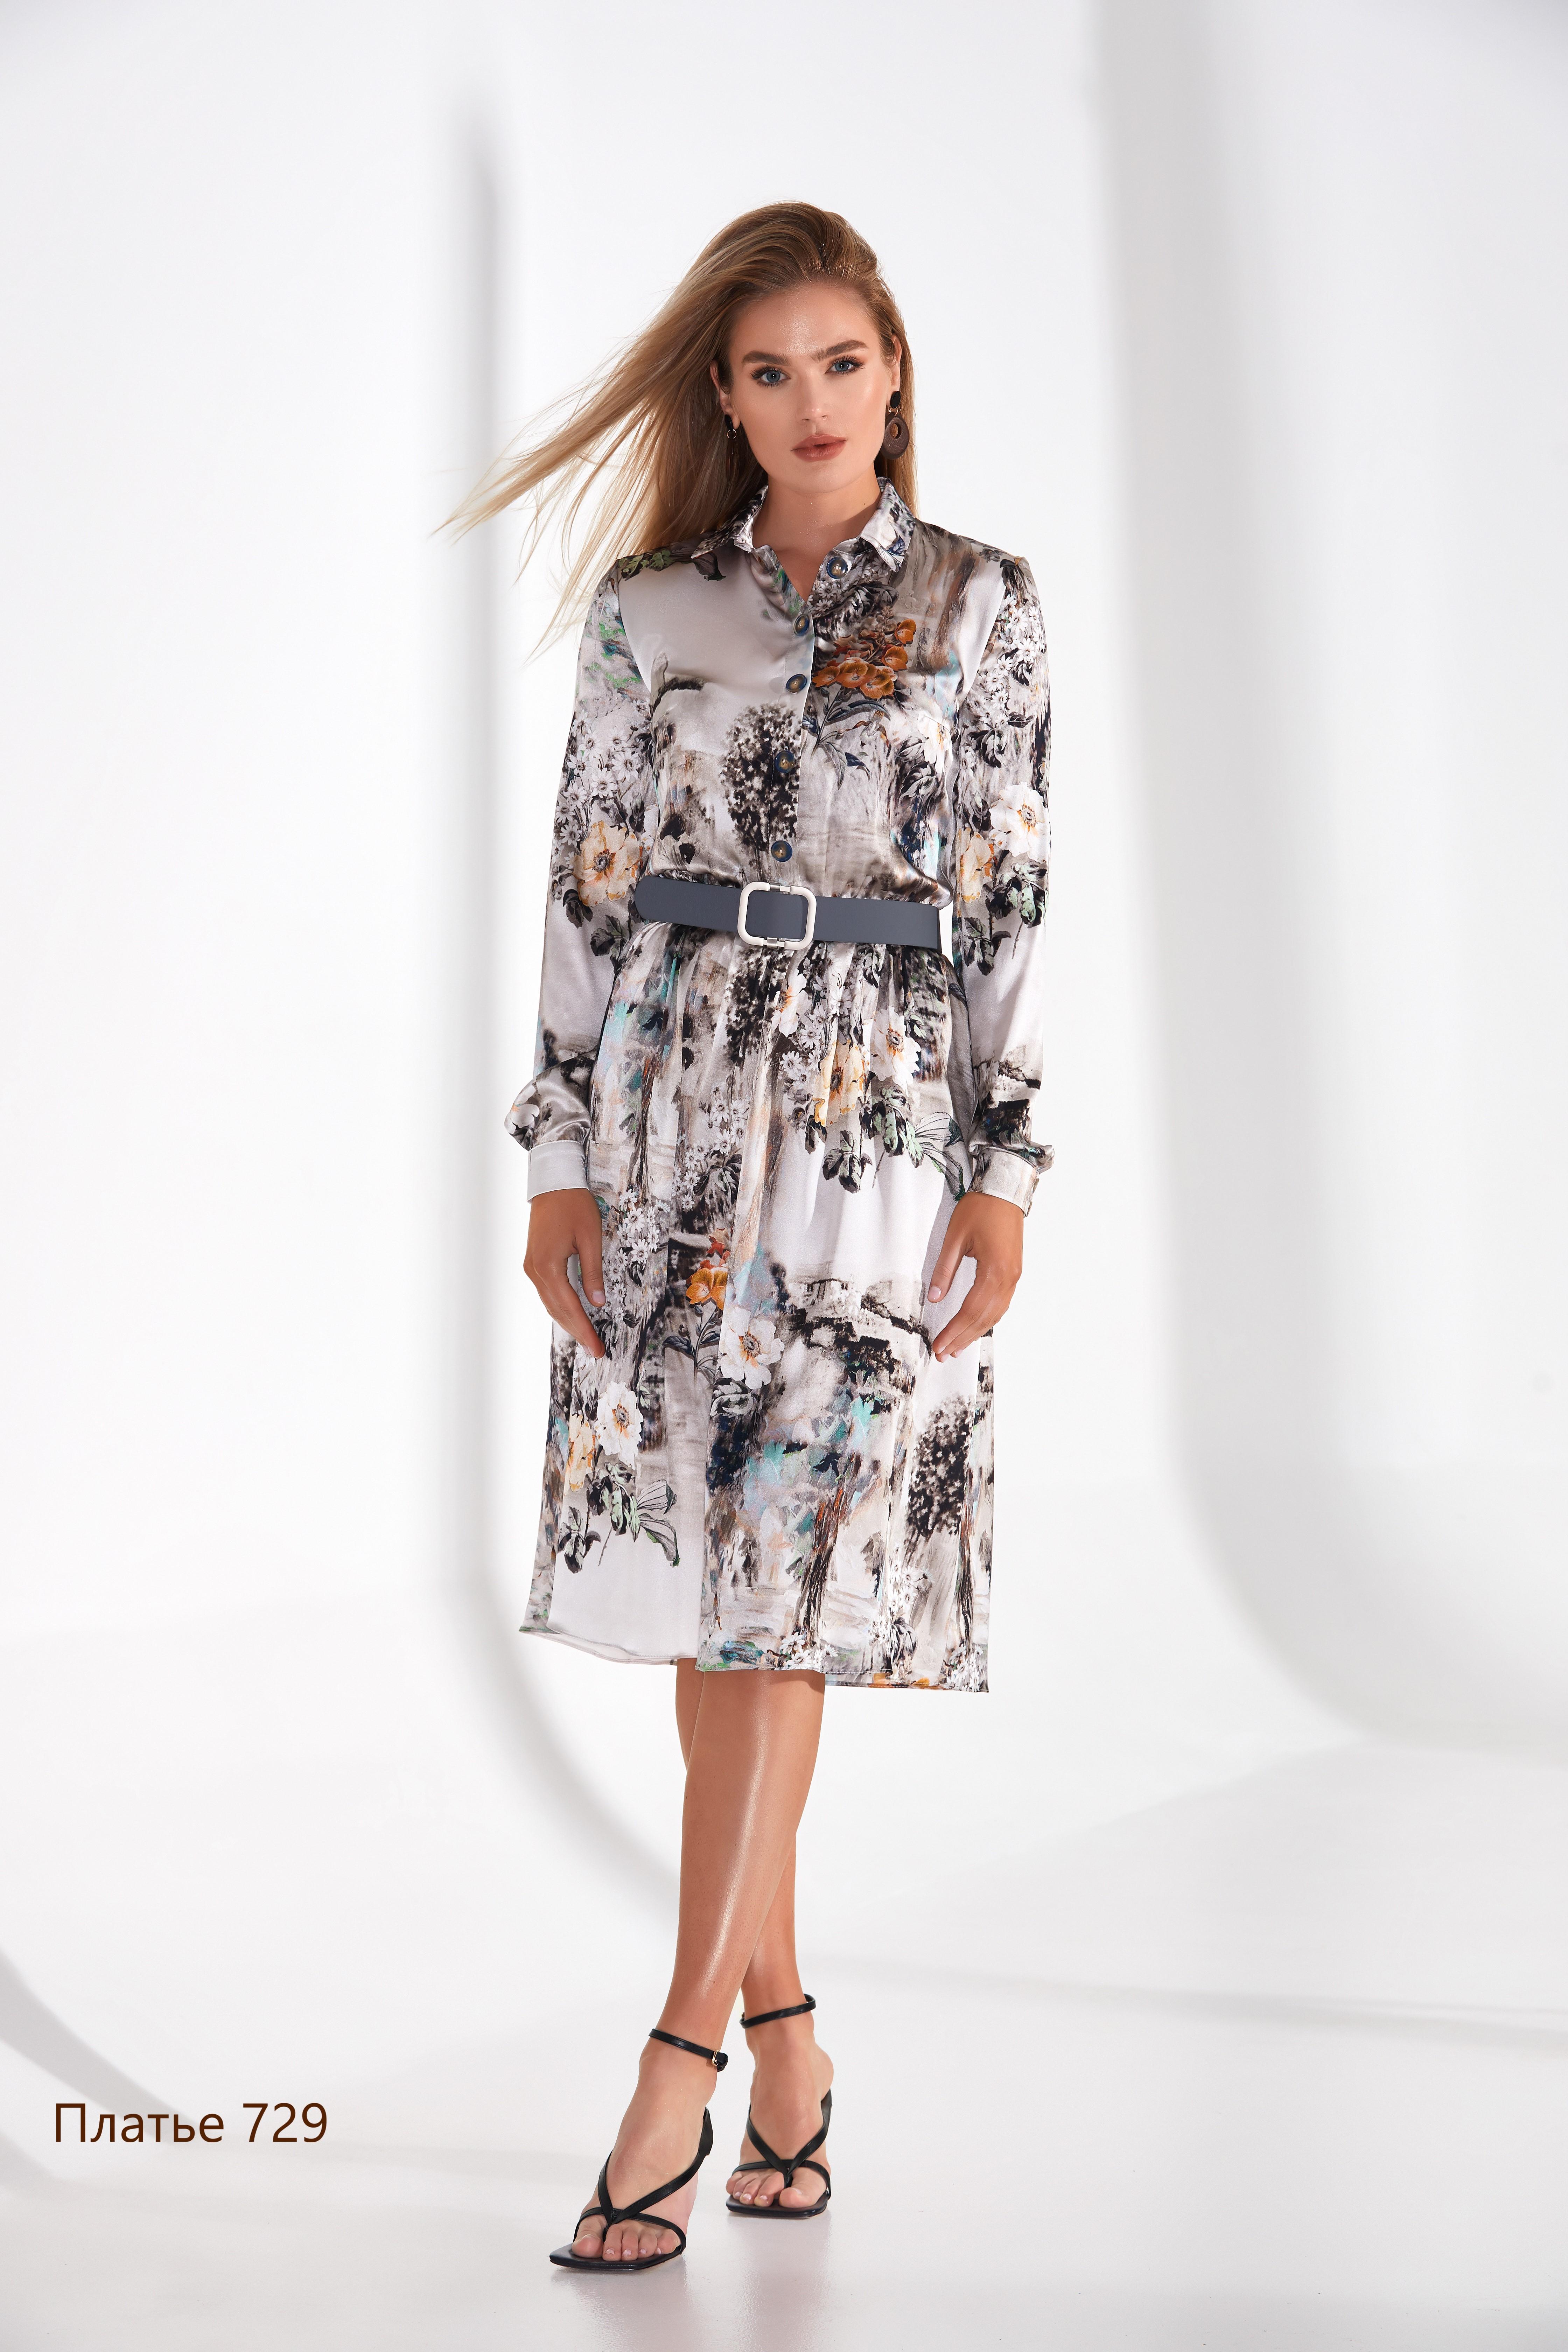 Платье 729 (2)